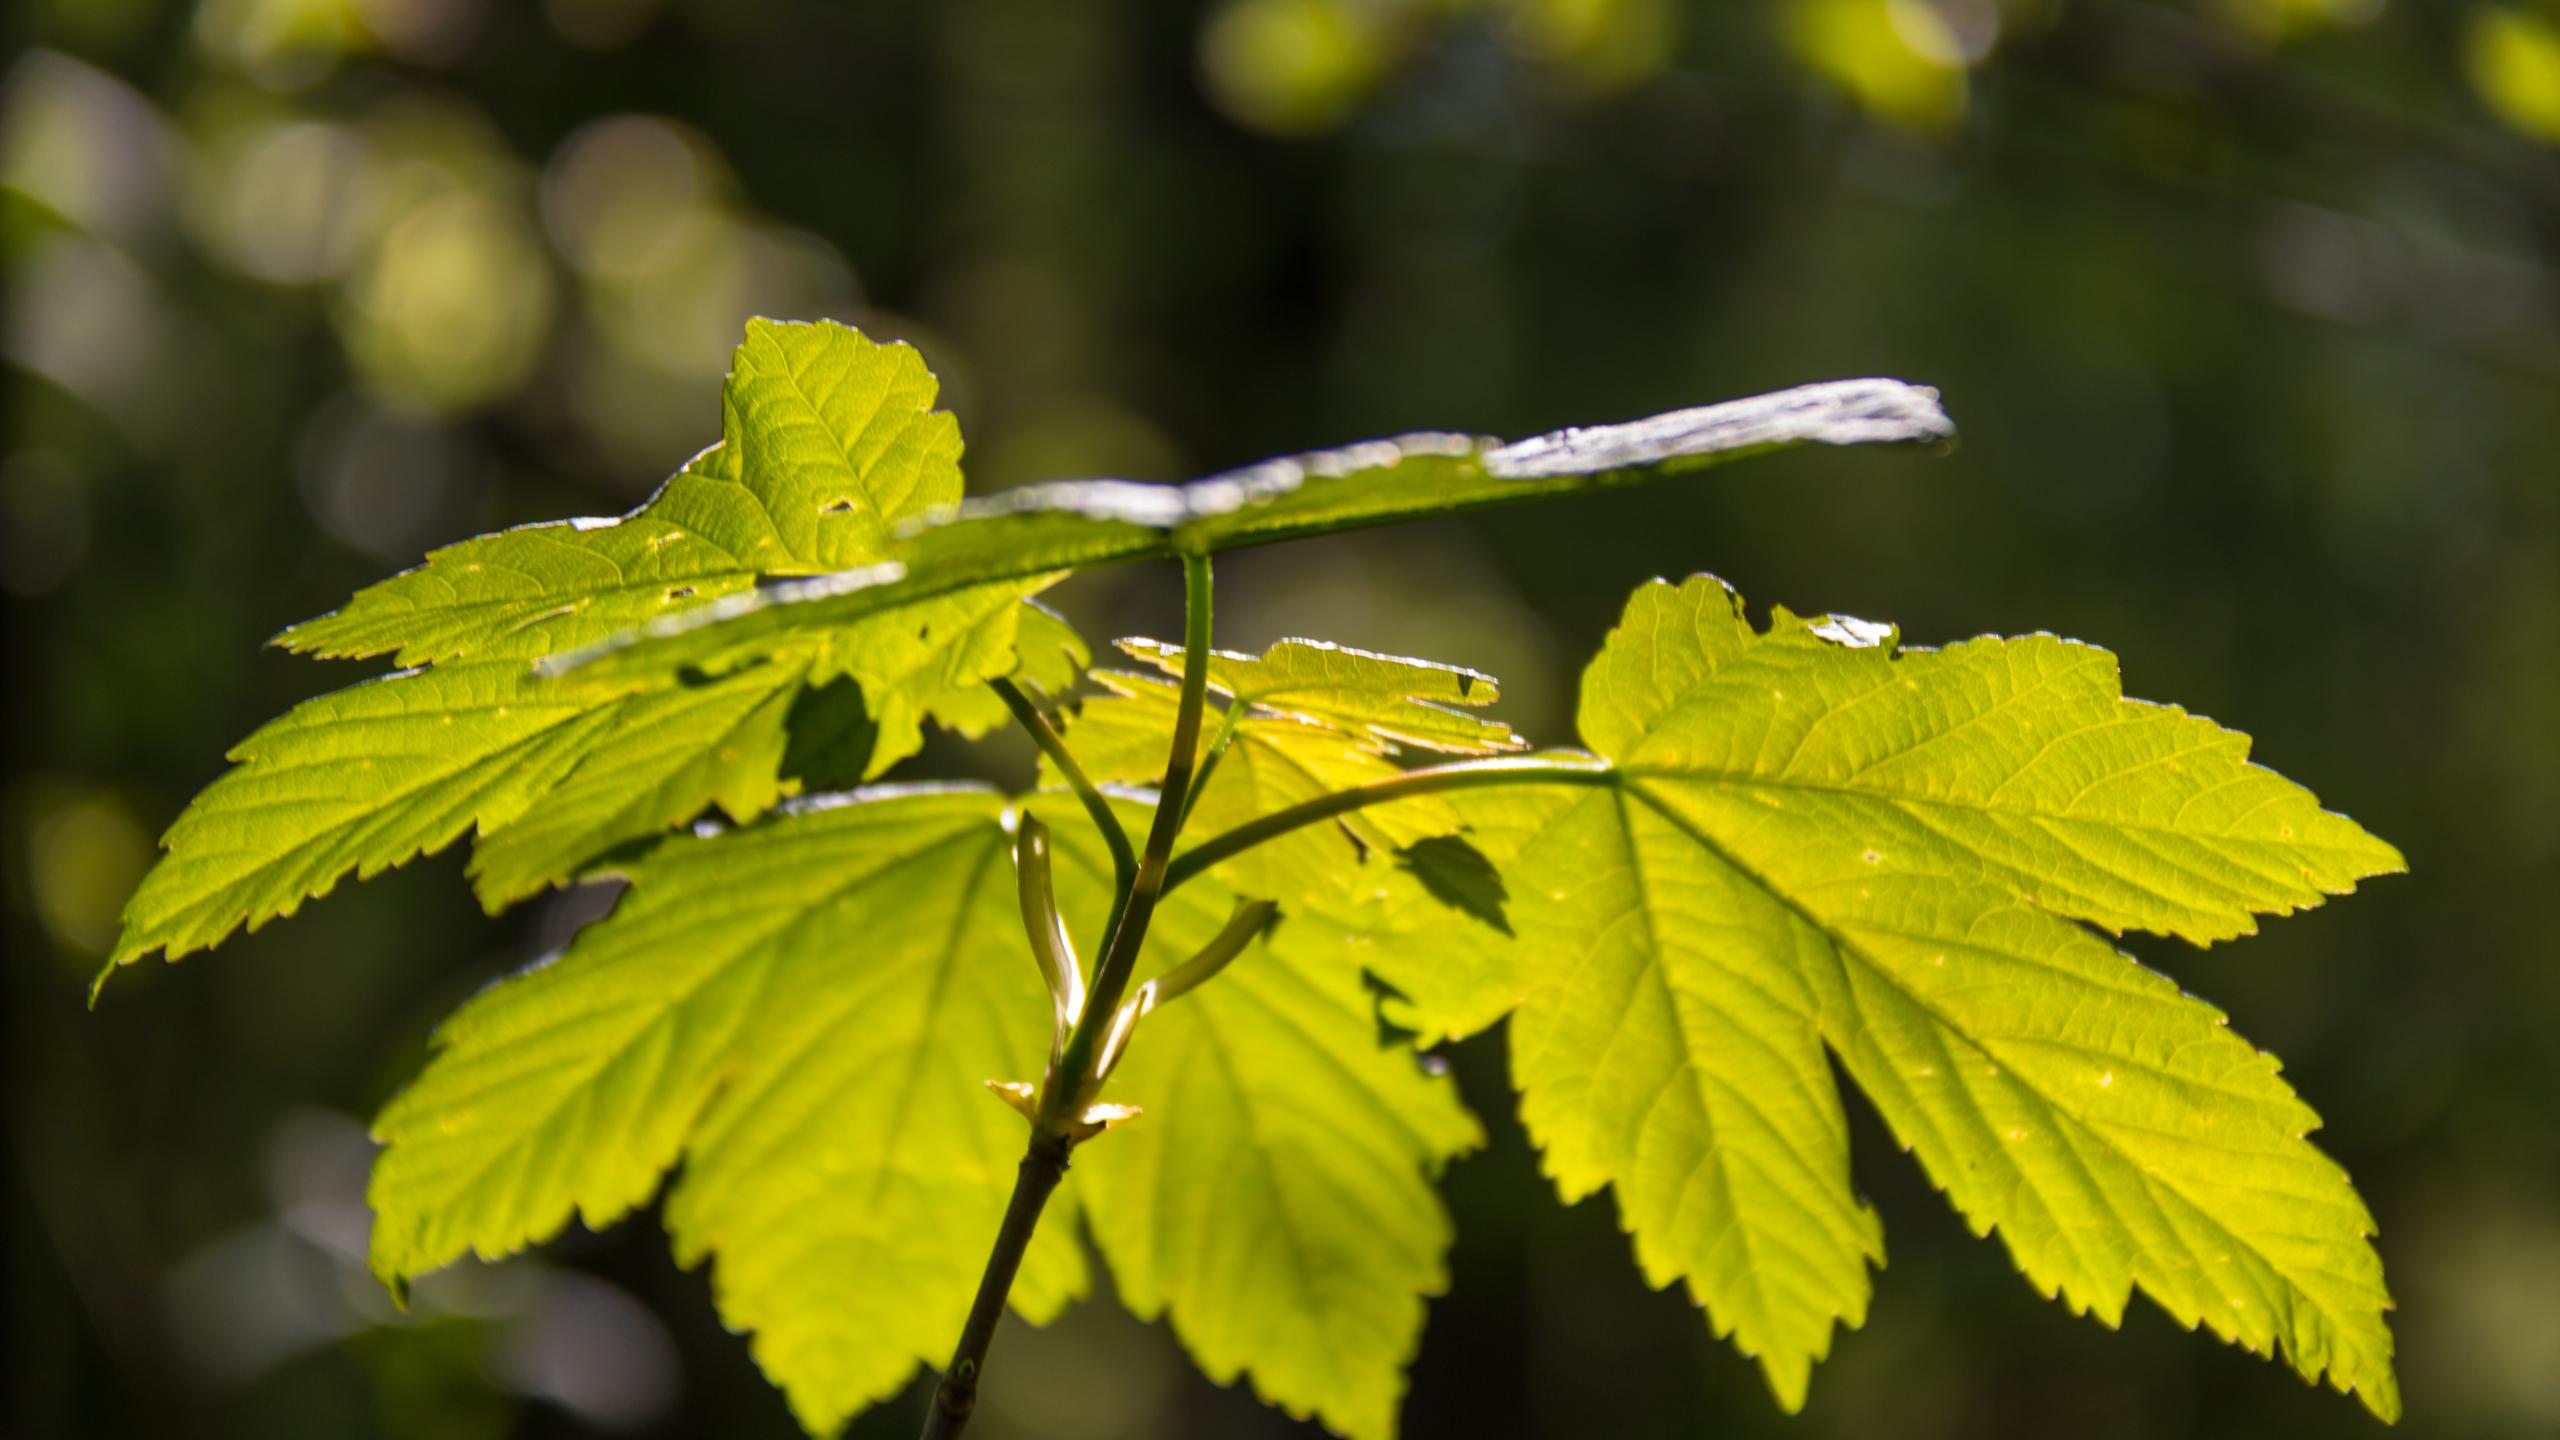 Hình nền lá cây đẹp